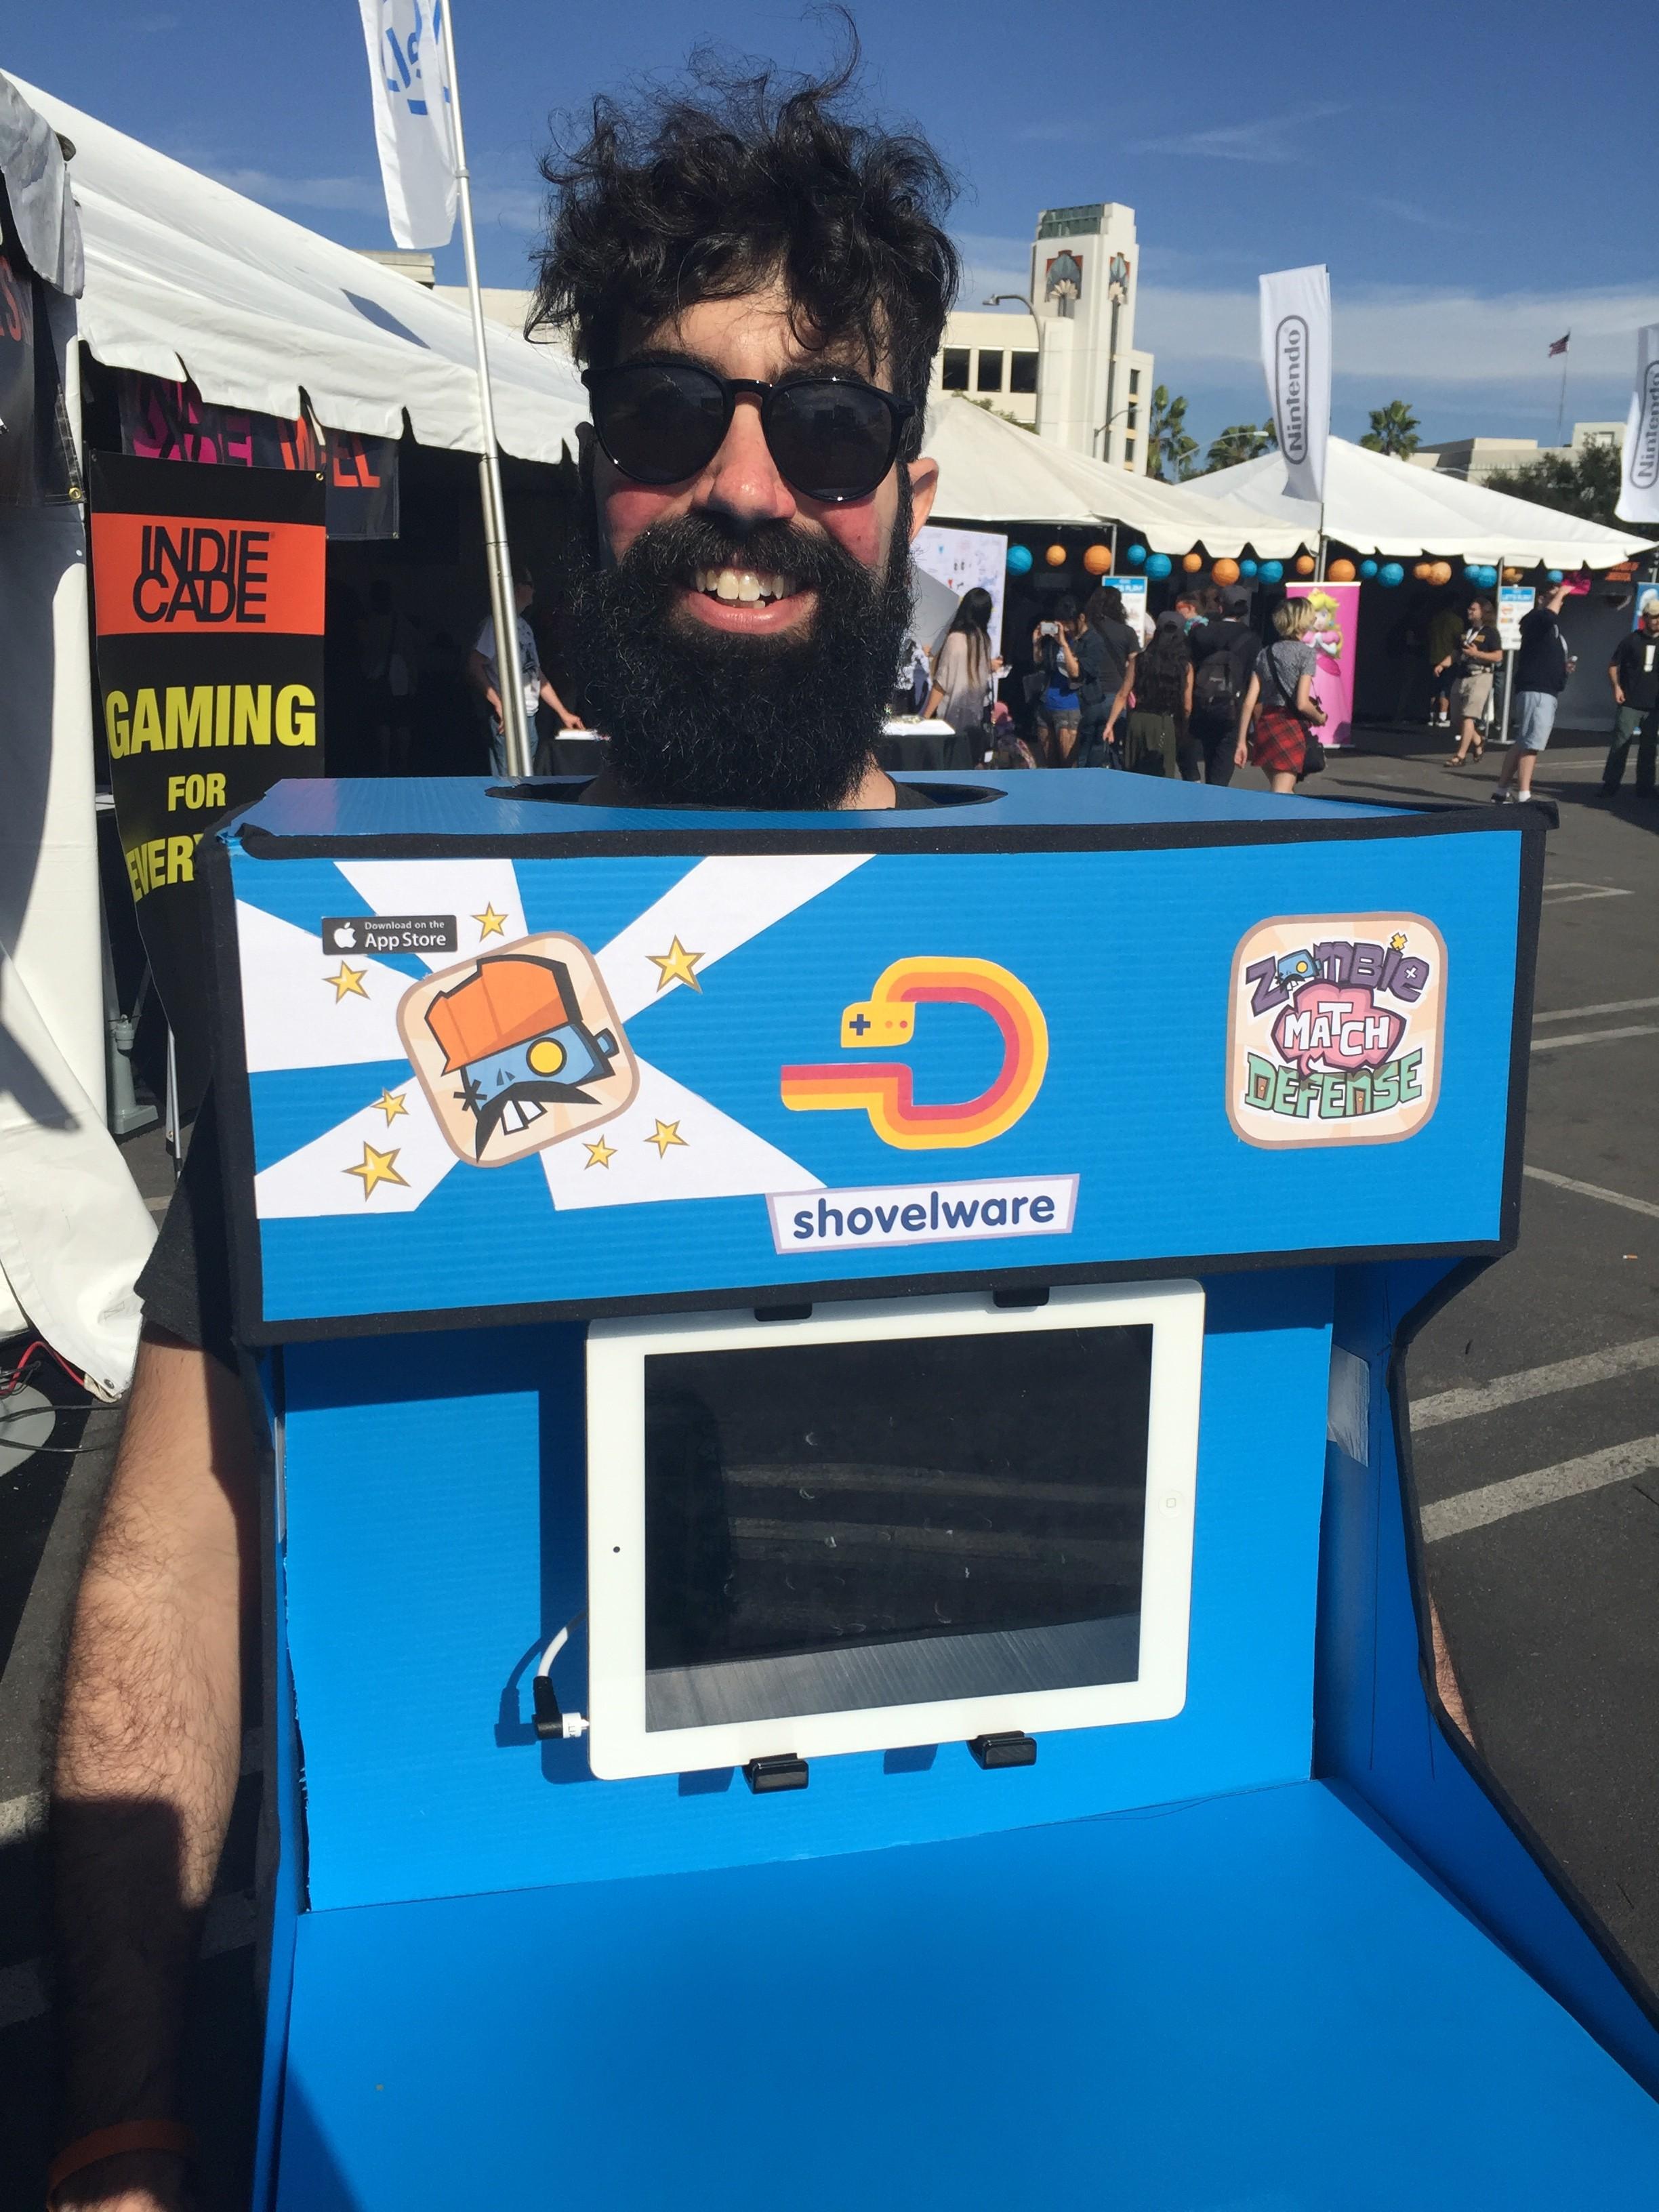 IndieCade Zombie Match Defense Human Arcade Machine